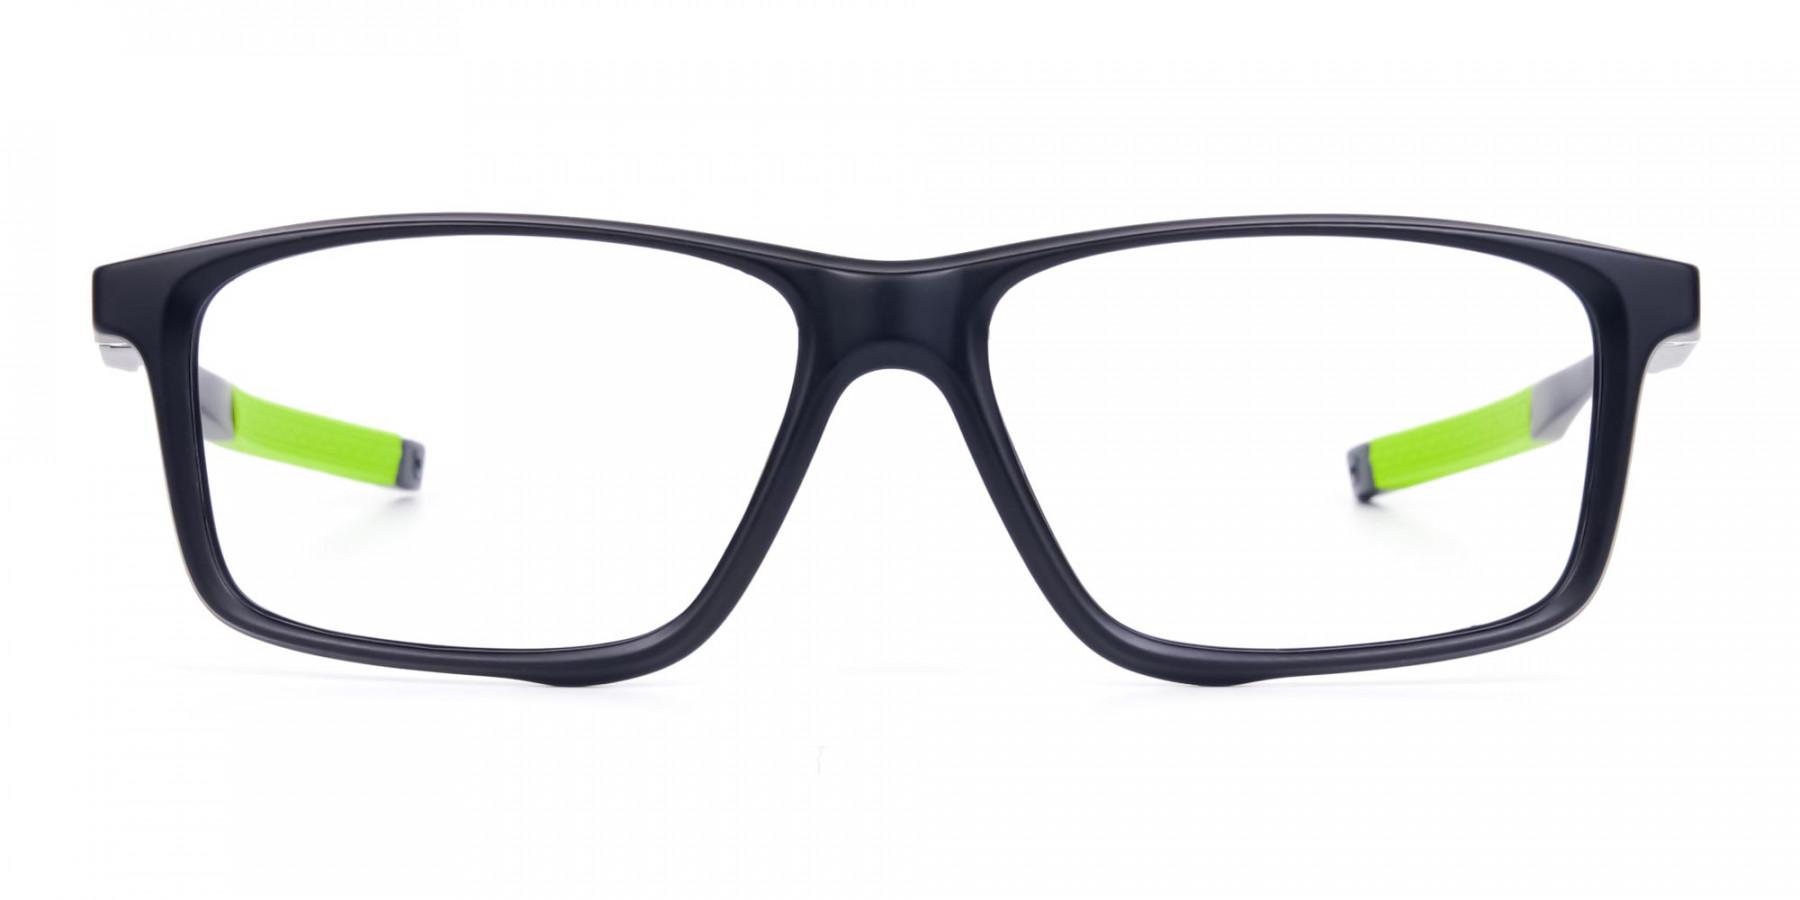 Black-Green-Rectangular-Rimmed-Glasses-1